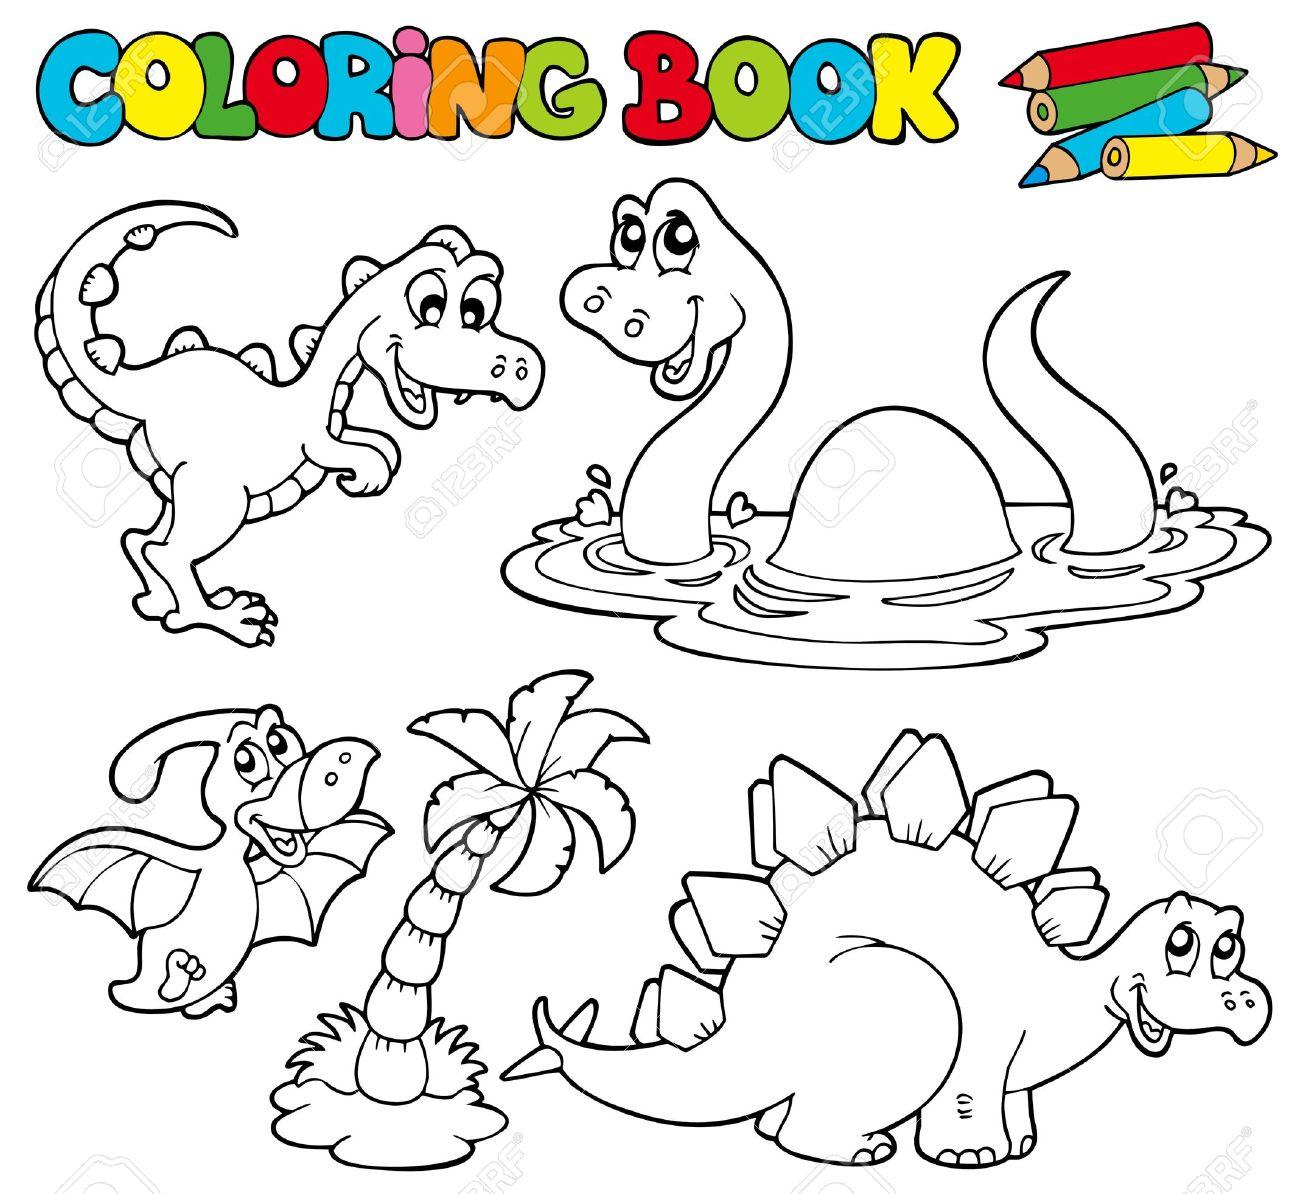 Libro Para Colorear Con Dinosaurios - Ilustración. Ilustraciones ...